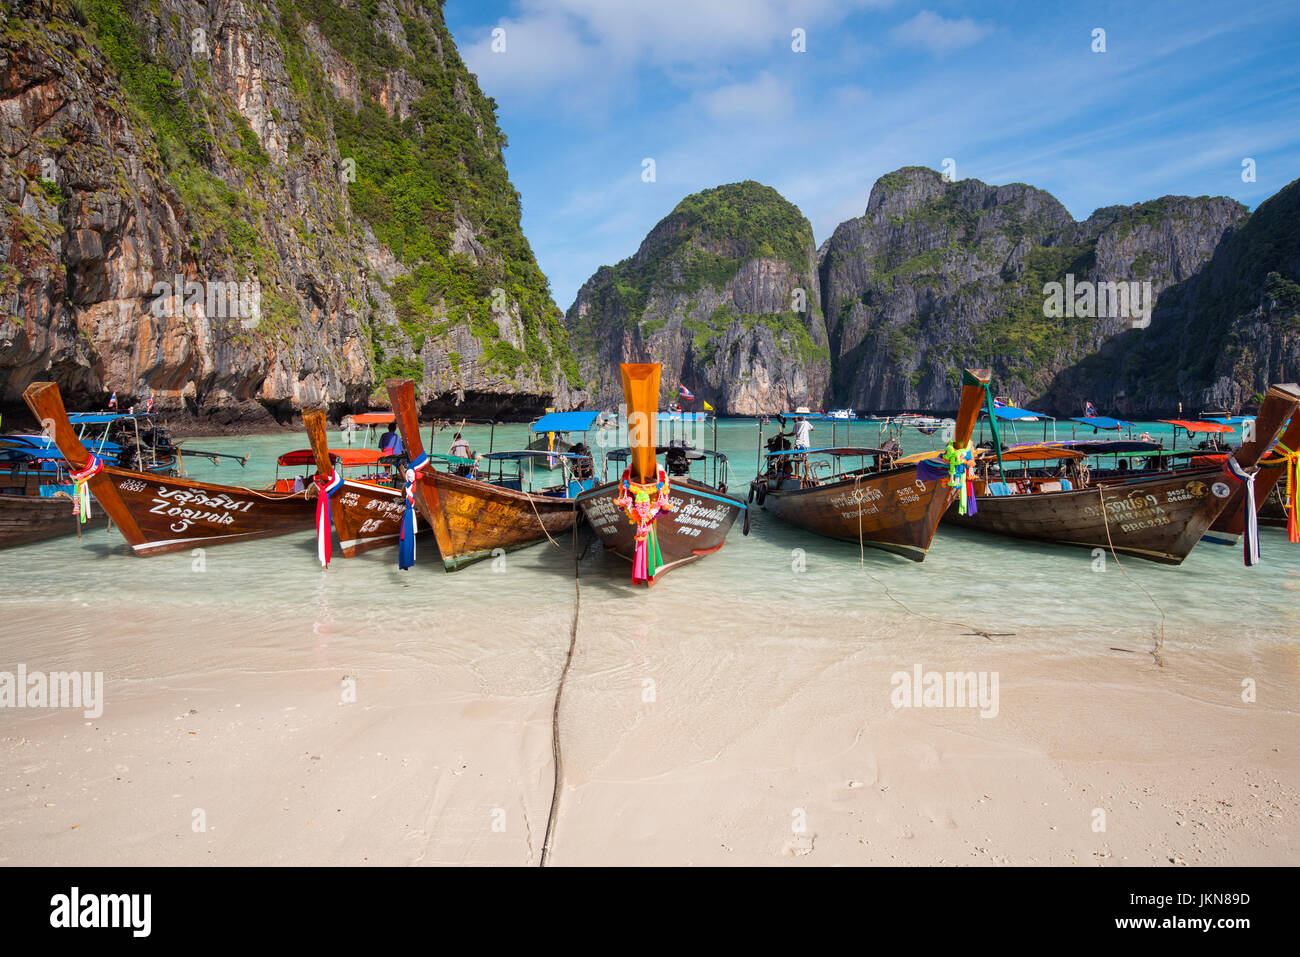 KRABI, THAÏLANDE - 4 décembre: bateaux à longue queue colorés belle plage sur un fond Photo Stock